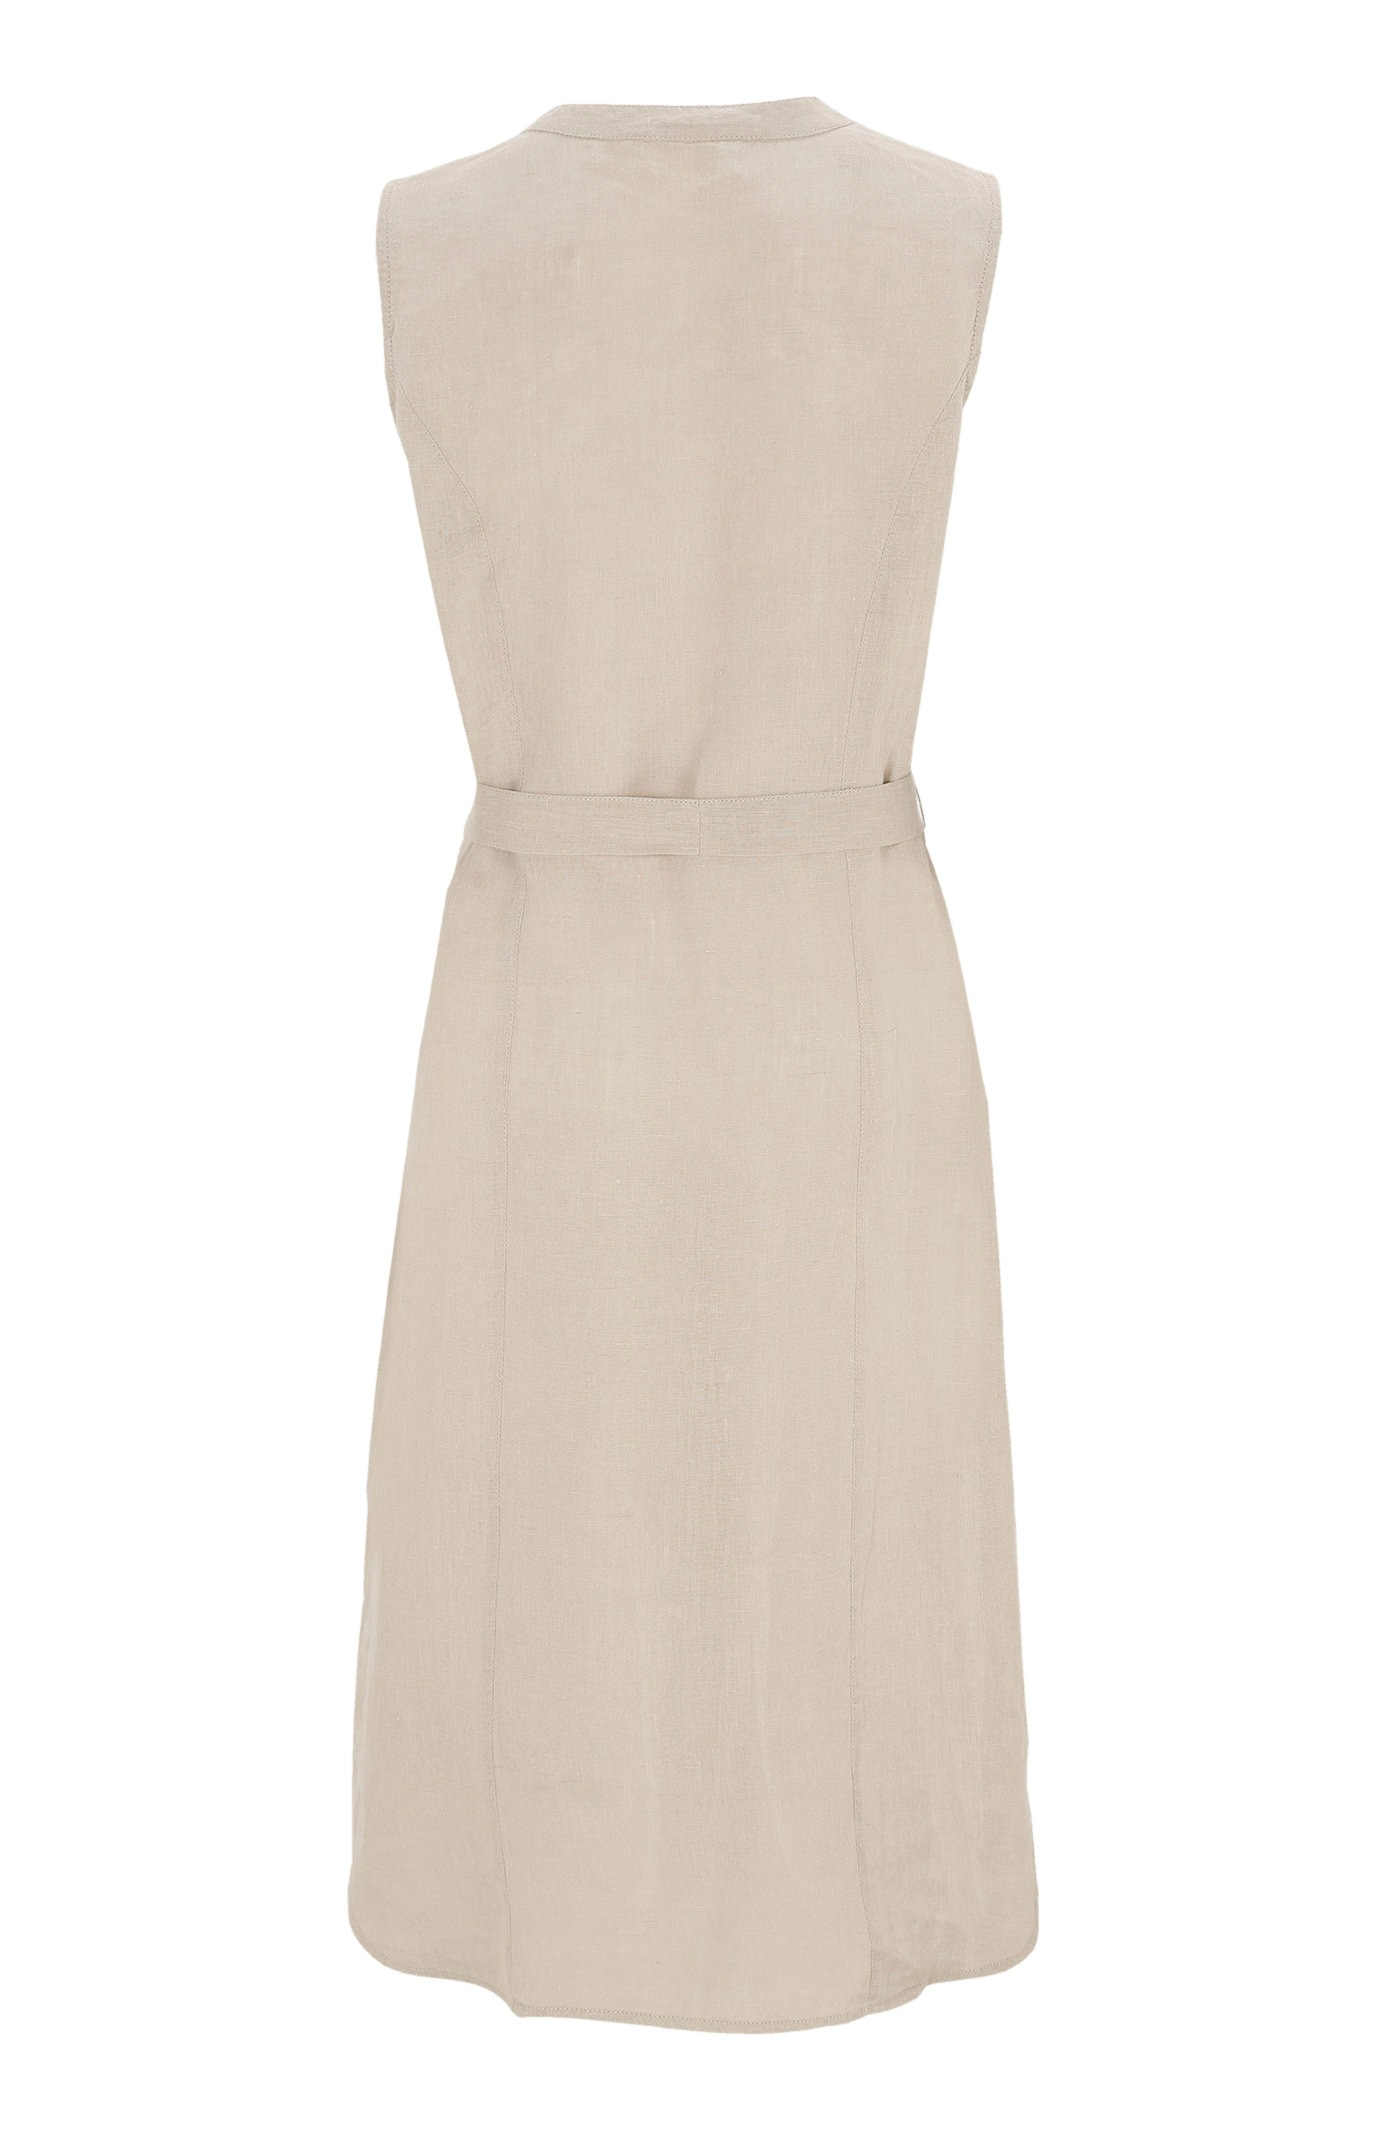 Lněné šaty s dřevěnými knoflíky